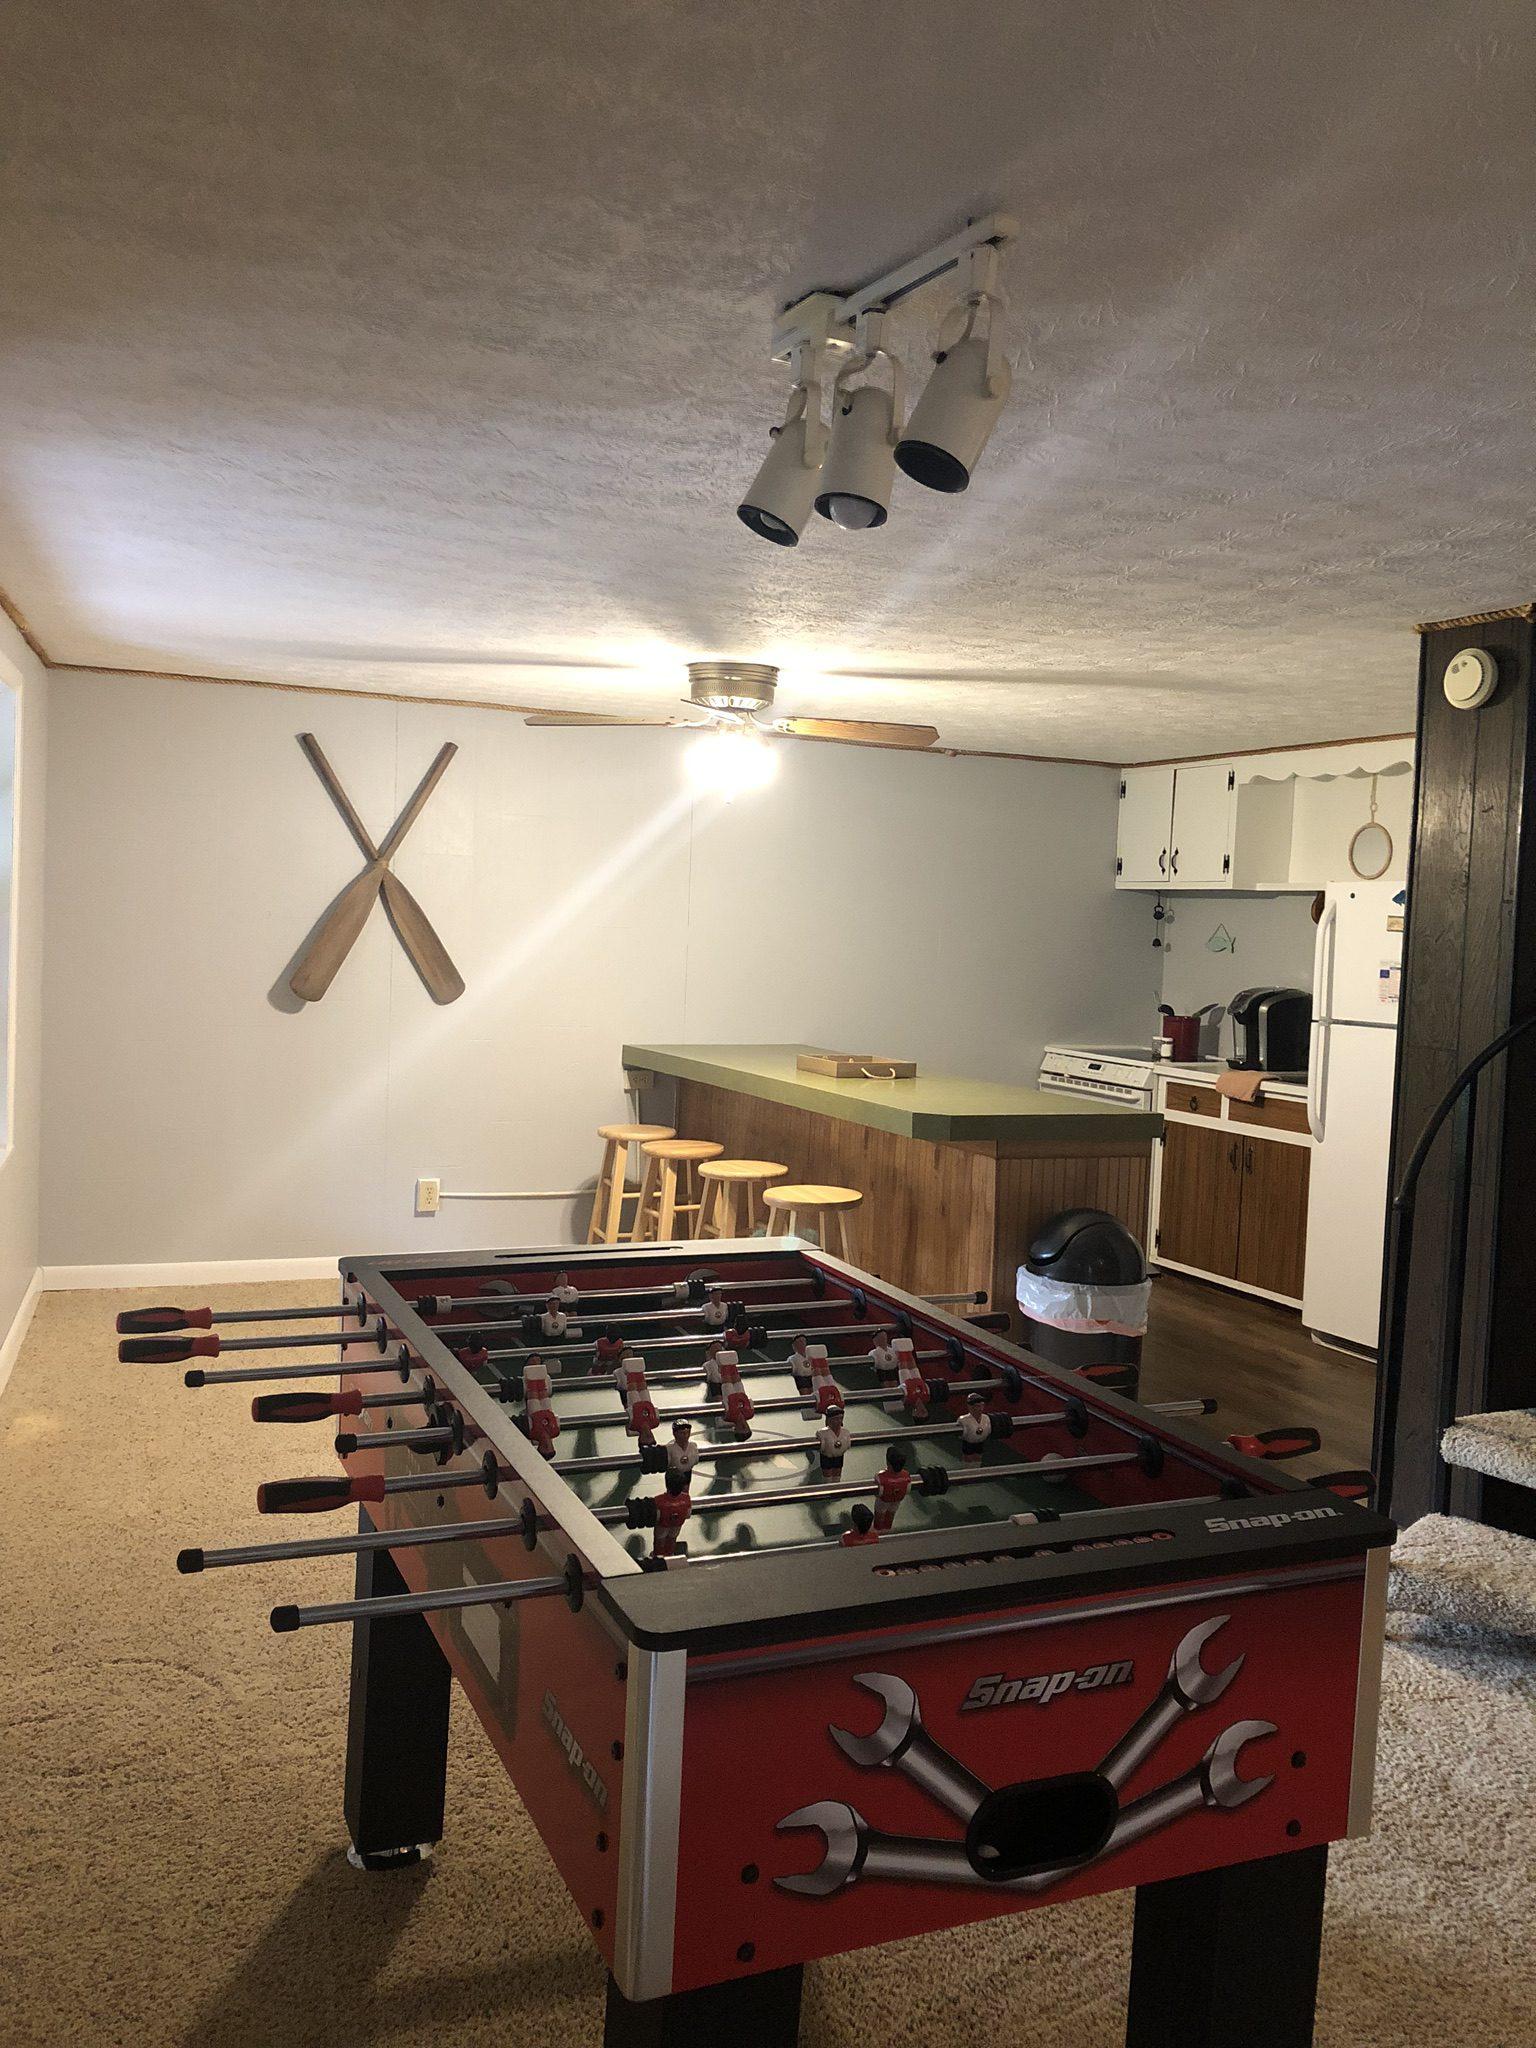 Aruba downstairs kitchen